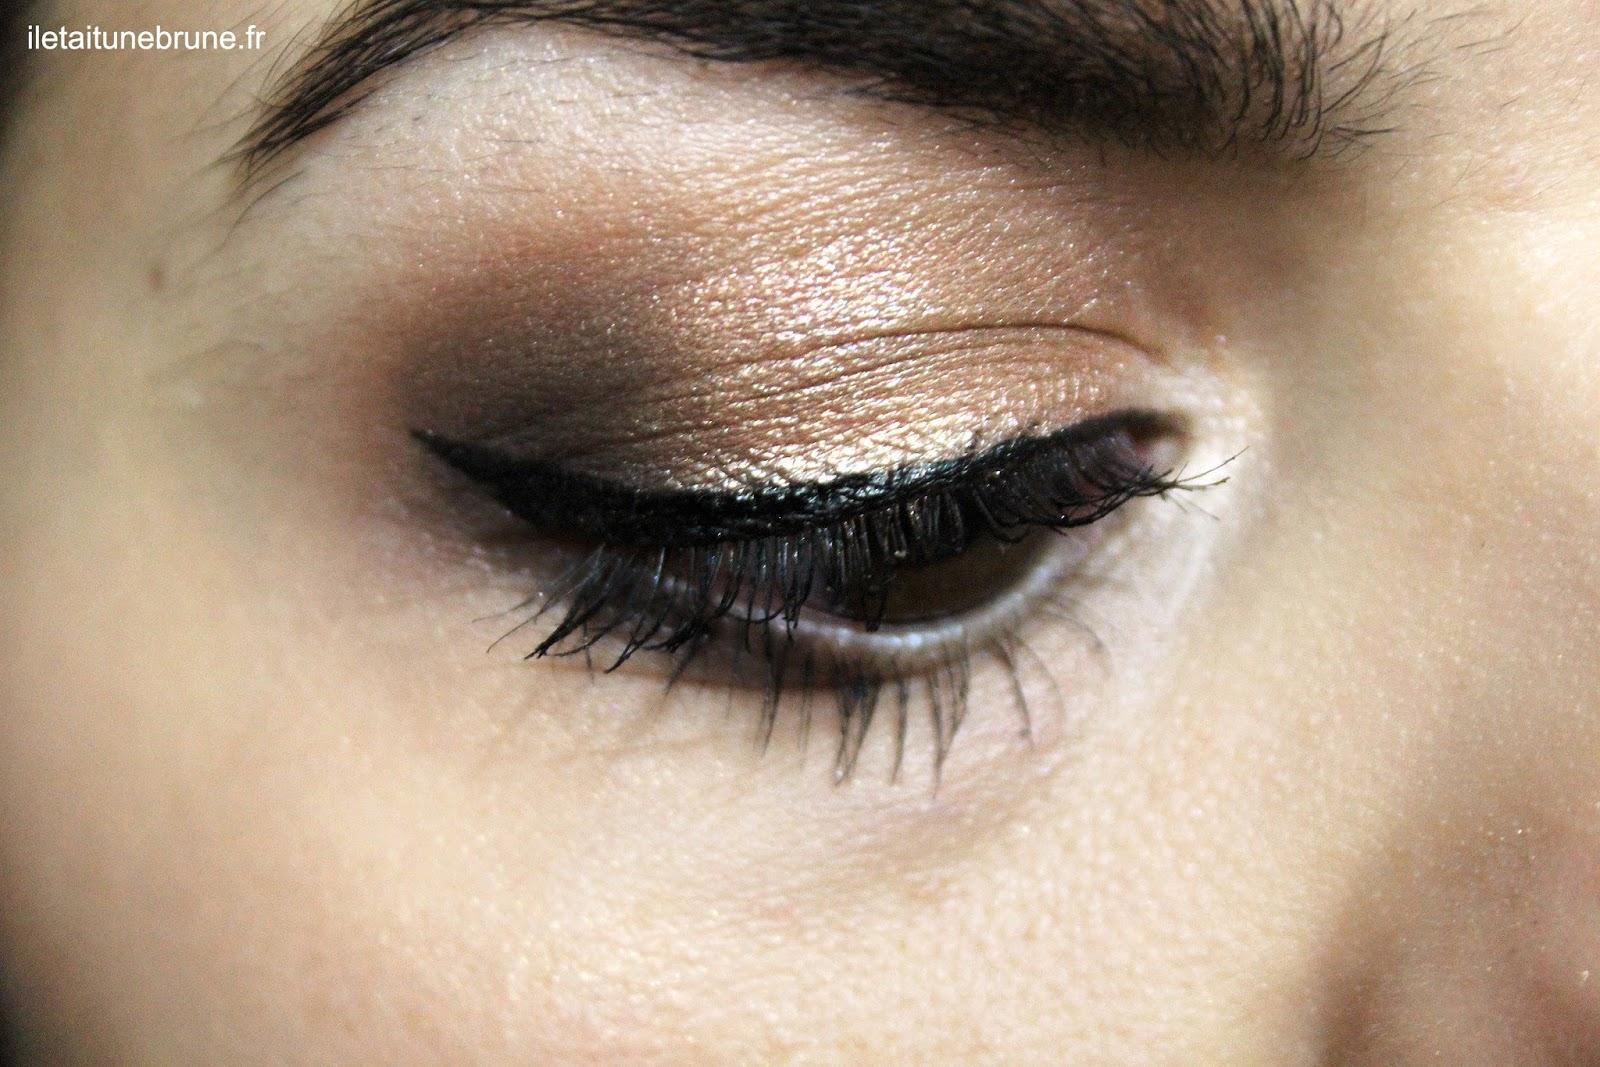 bronze and grey makeup, maquillage bronze et gris